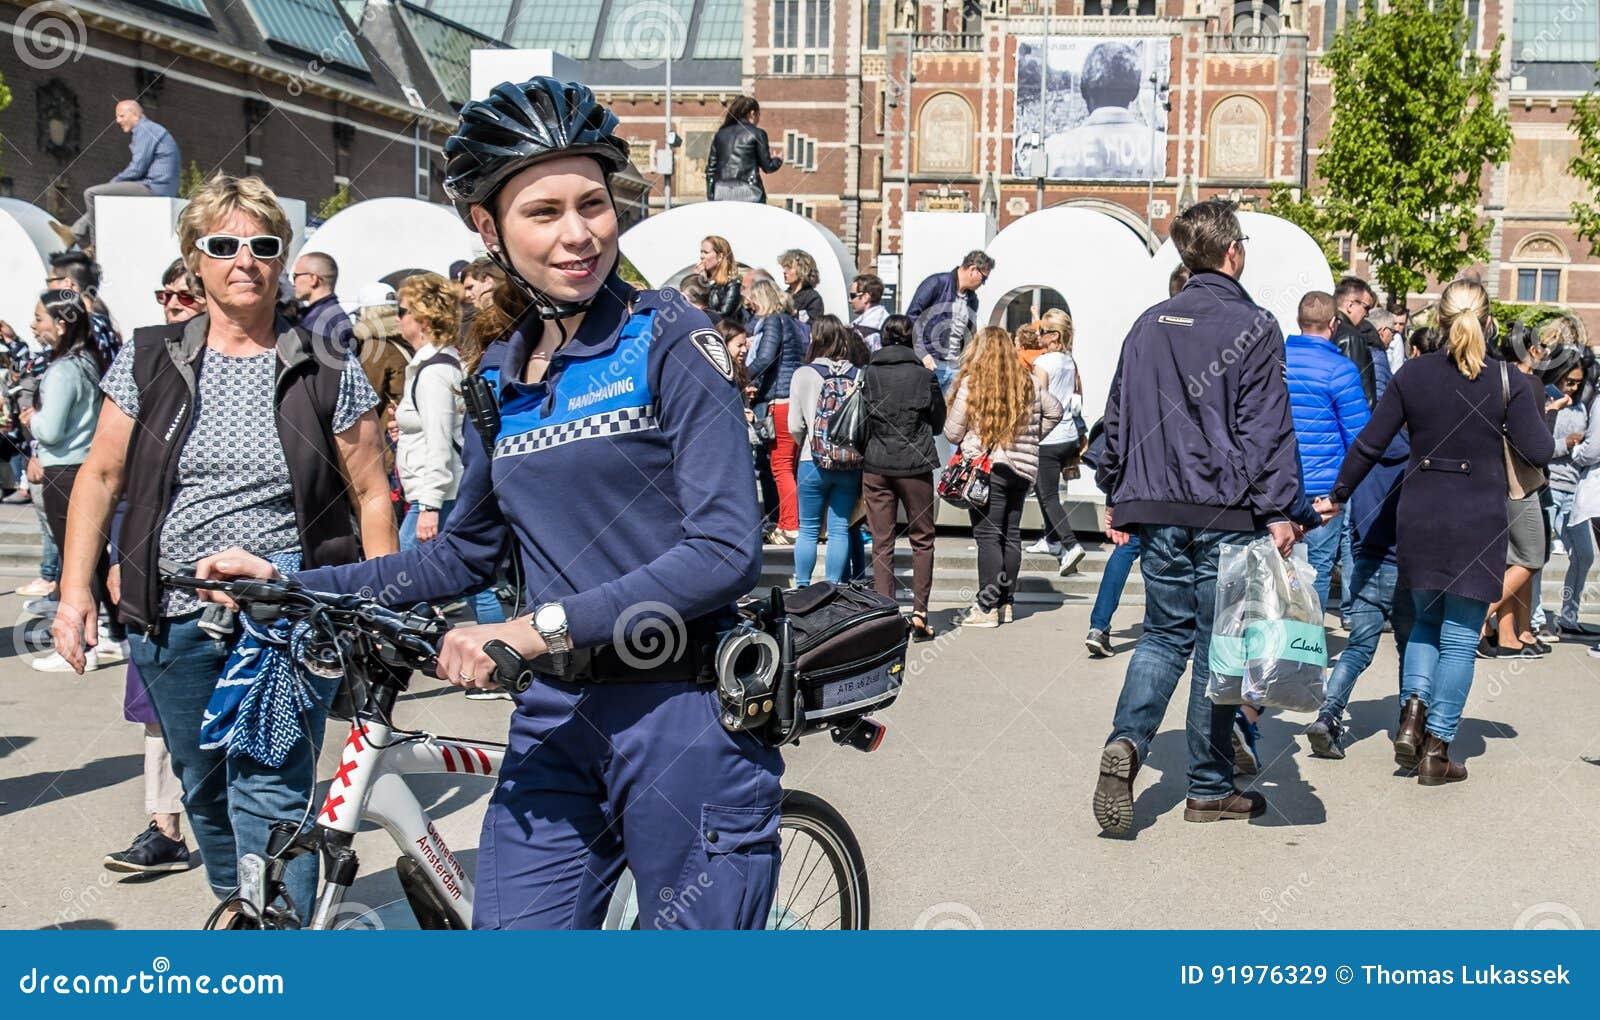 Amsterdam, Nederland - April 31, 2017: De handhaving politieafdeling die een blik in de straten van de stad hebben